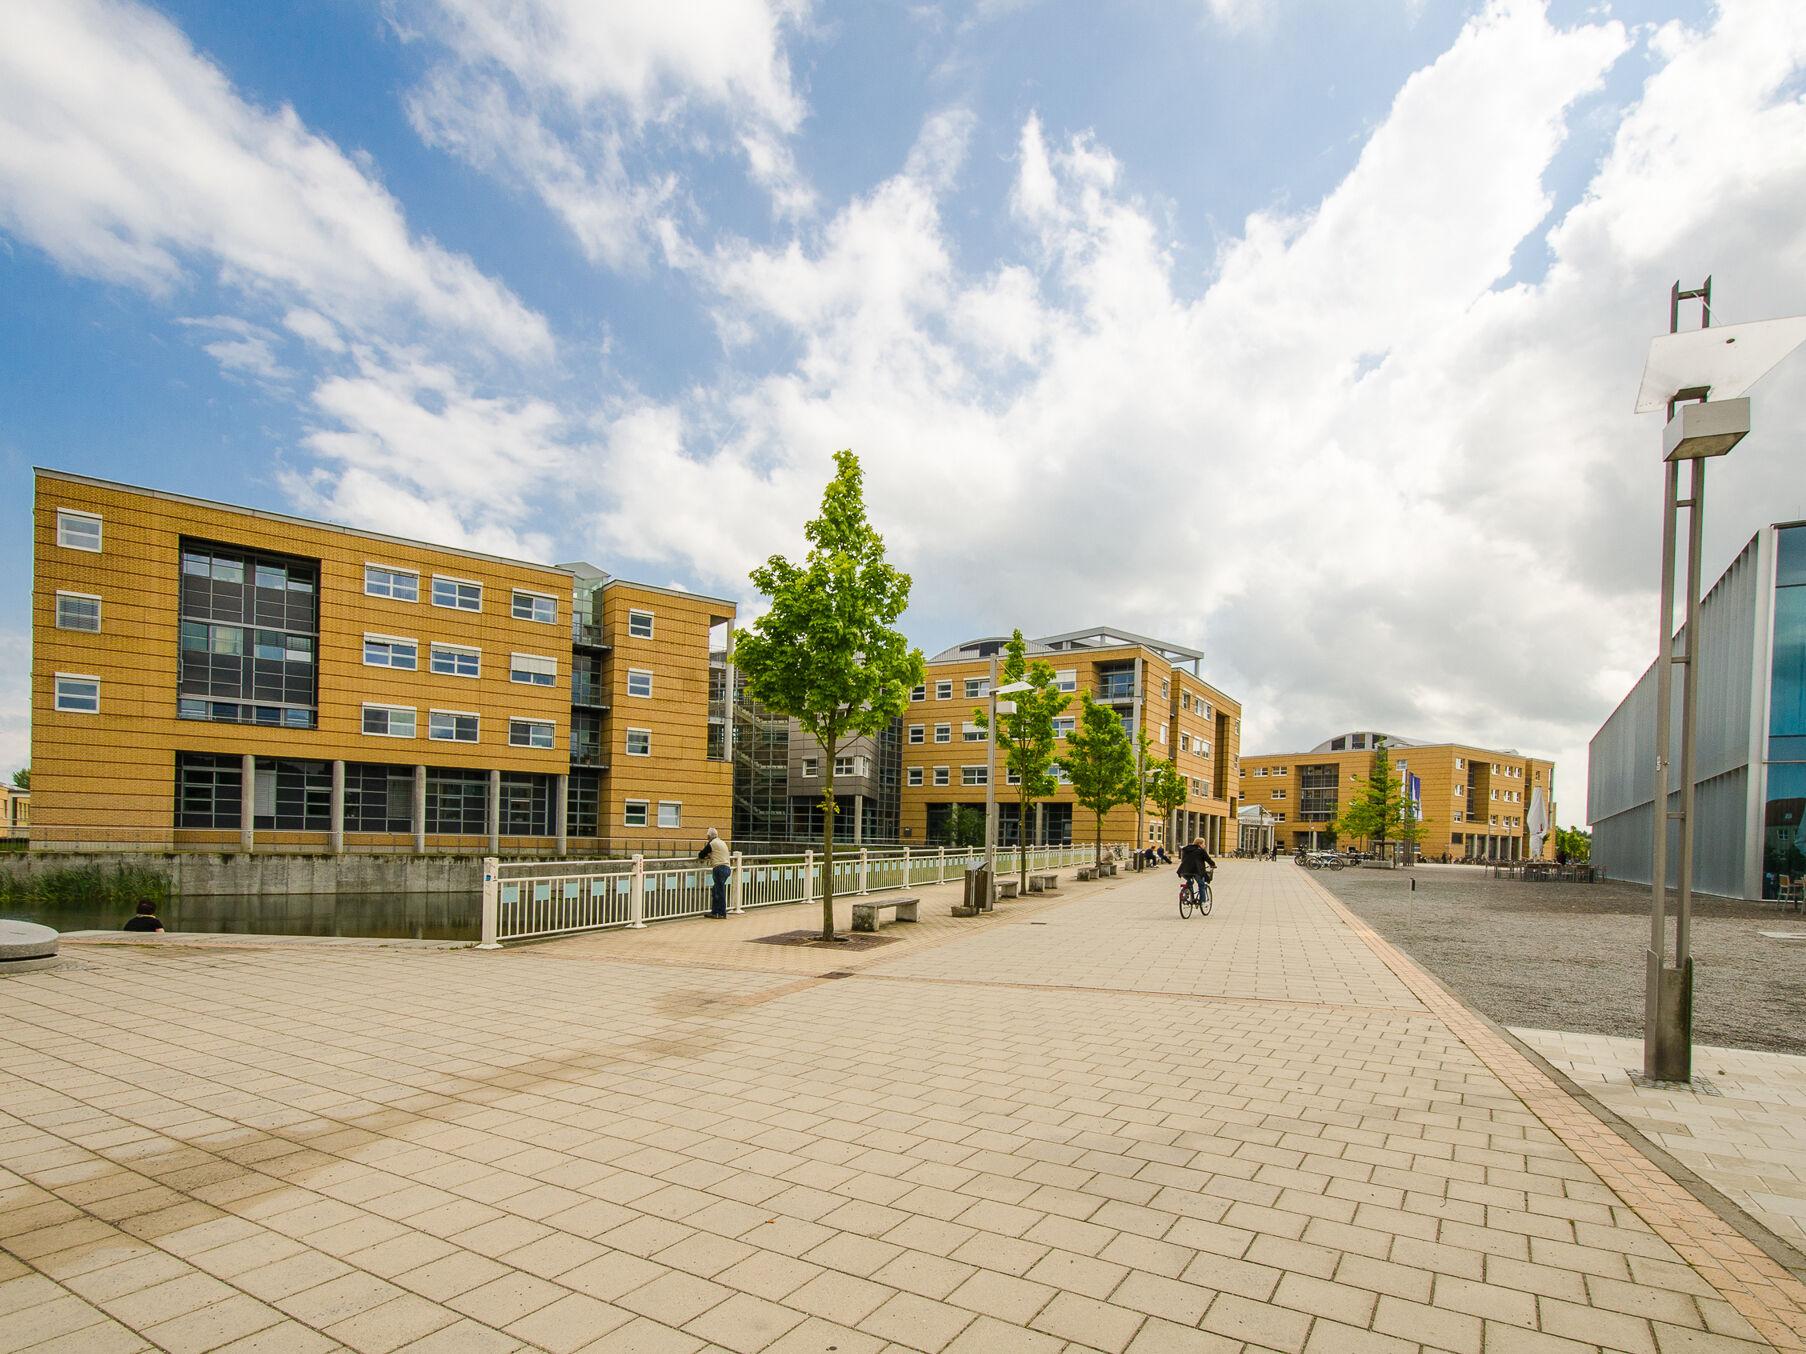 Risikogene für Nierenfunktion anhand von Mega-Studie identifiziert - Universität Greifswald